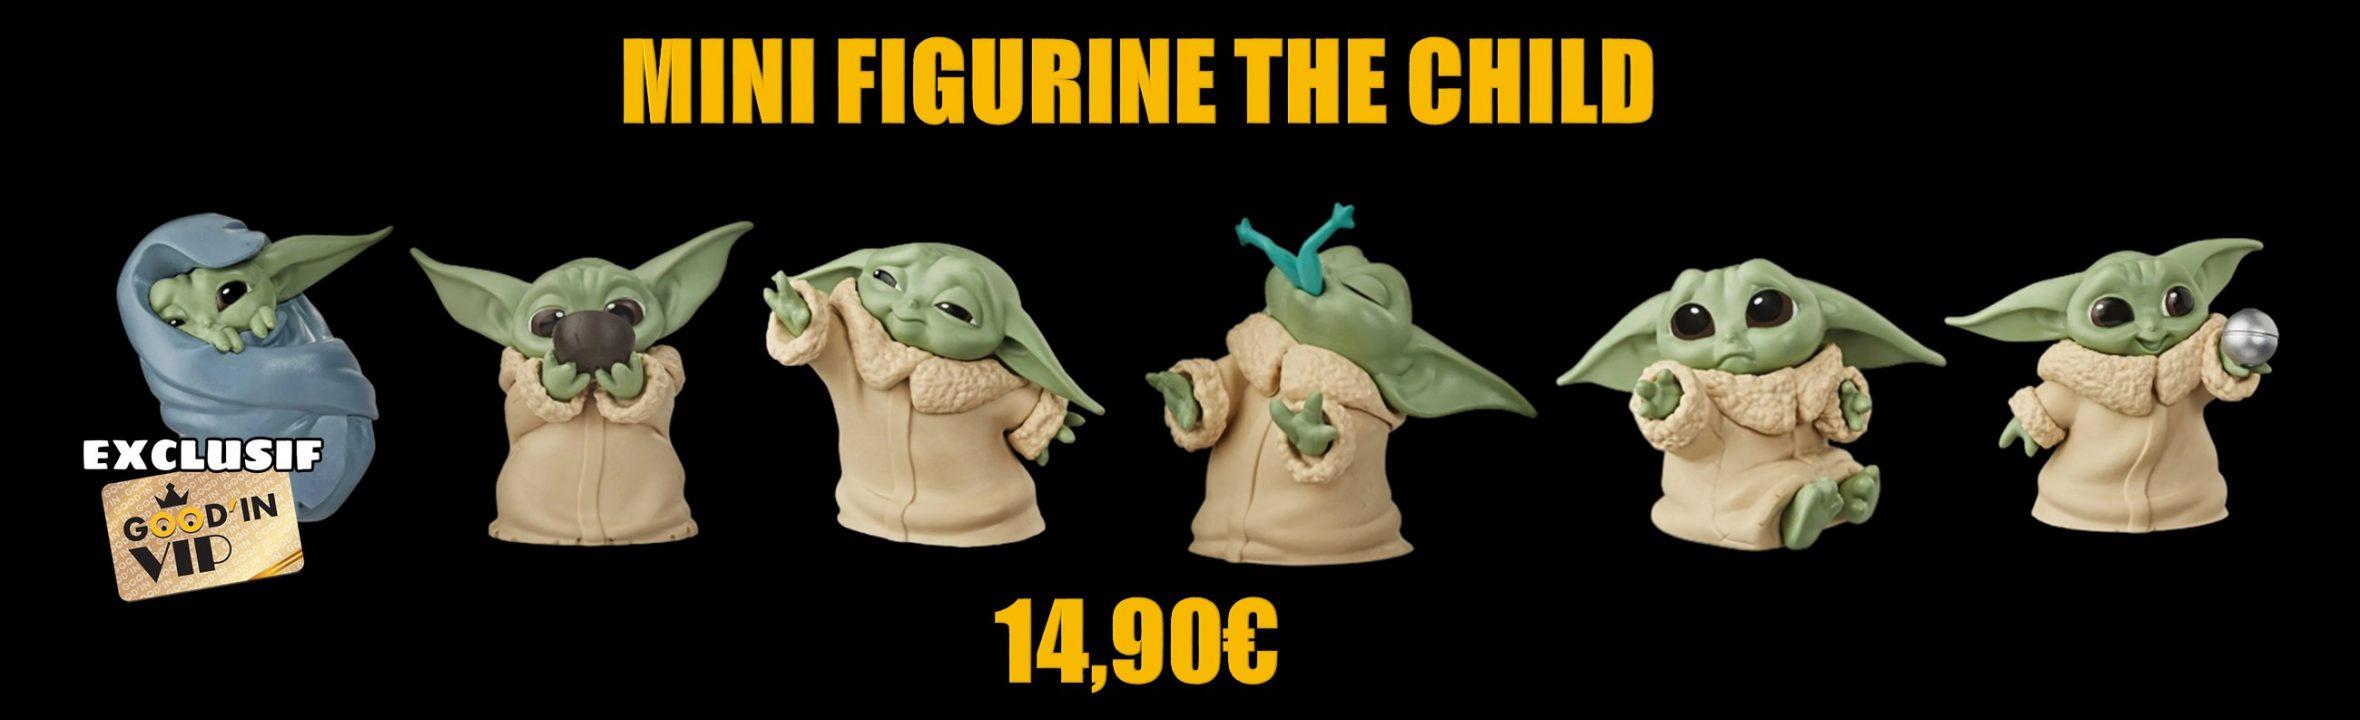 mini figurine Star wars the mandalorian The child baby yoda goodin shop